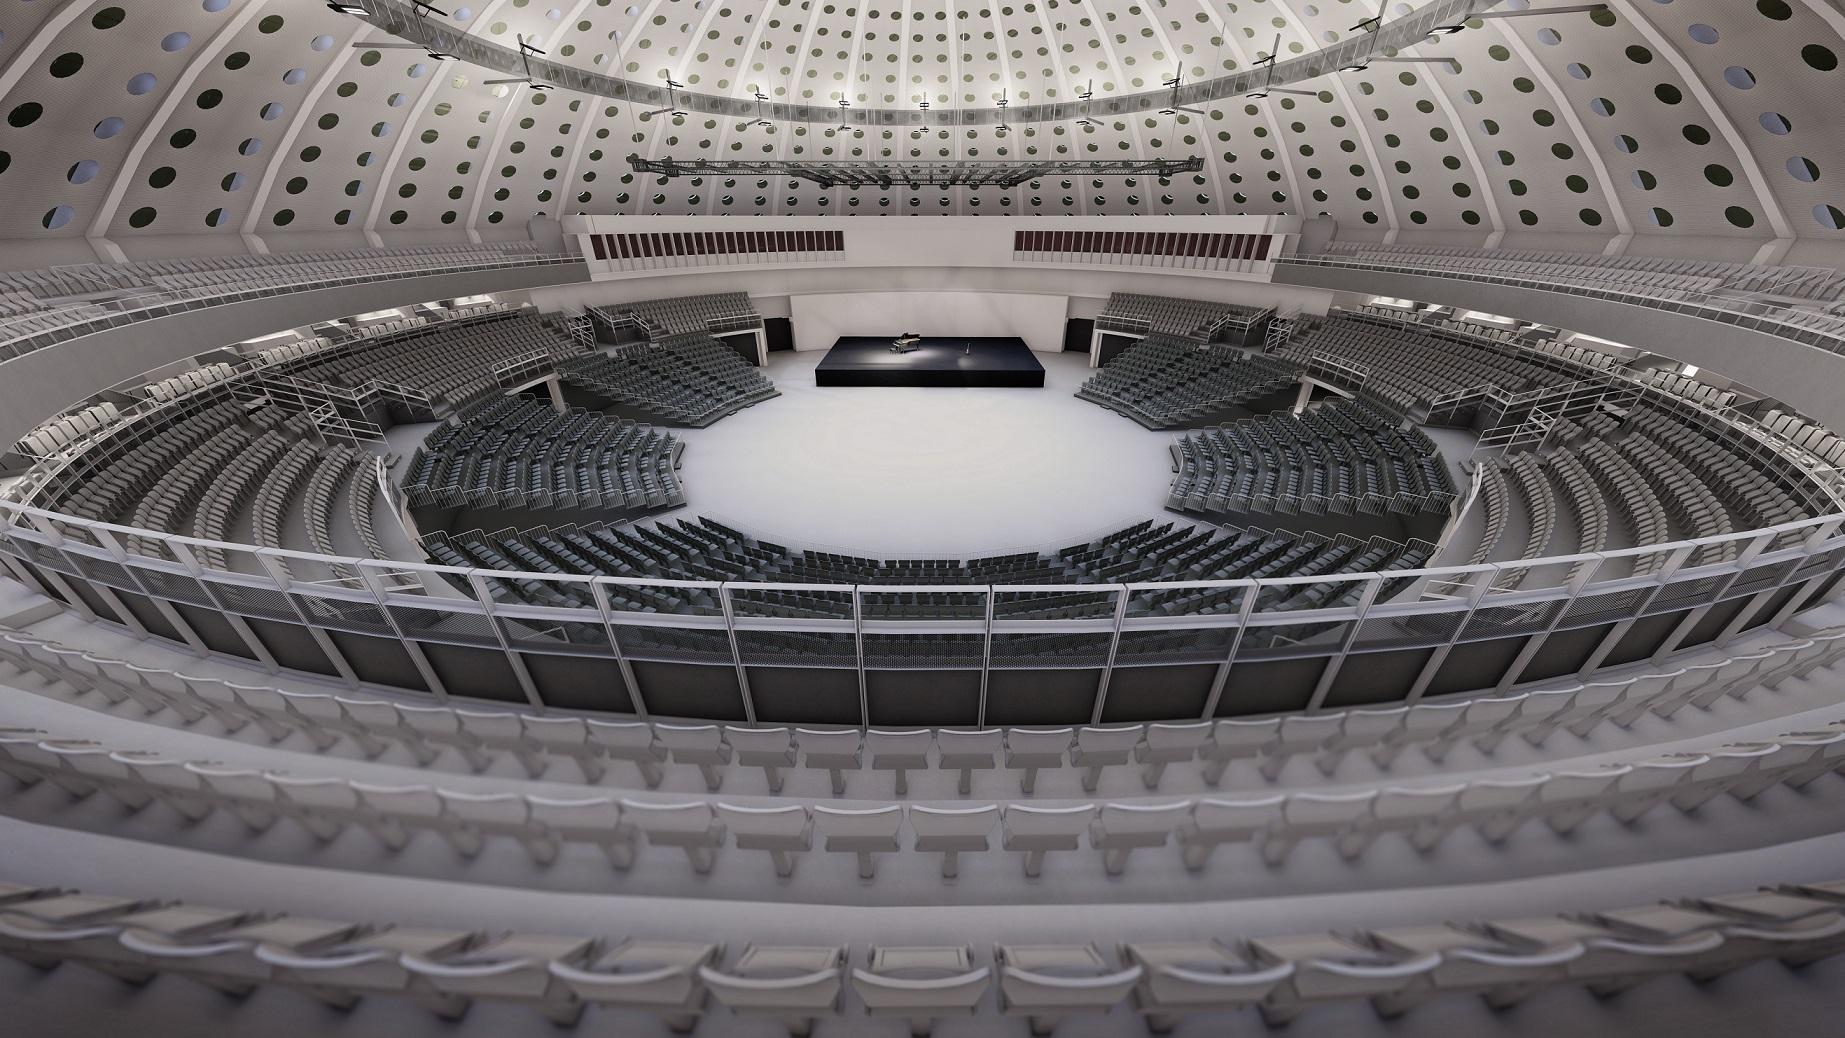 A sala principal do Pavilhão Rosa Mota tem capacidade para 5500 lugares sentados / Super Bock Arena - Pavilhão Rosa Mota